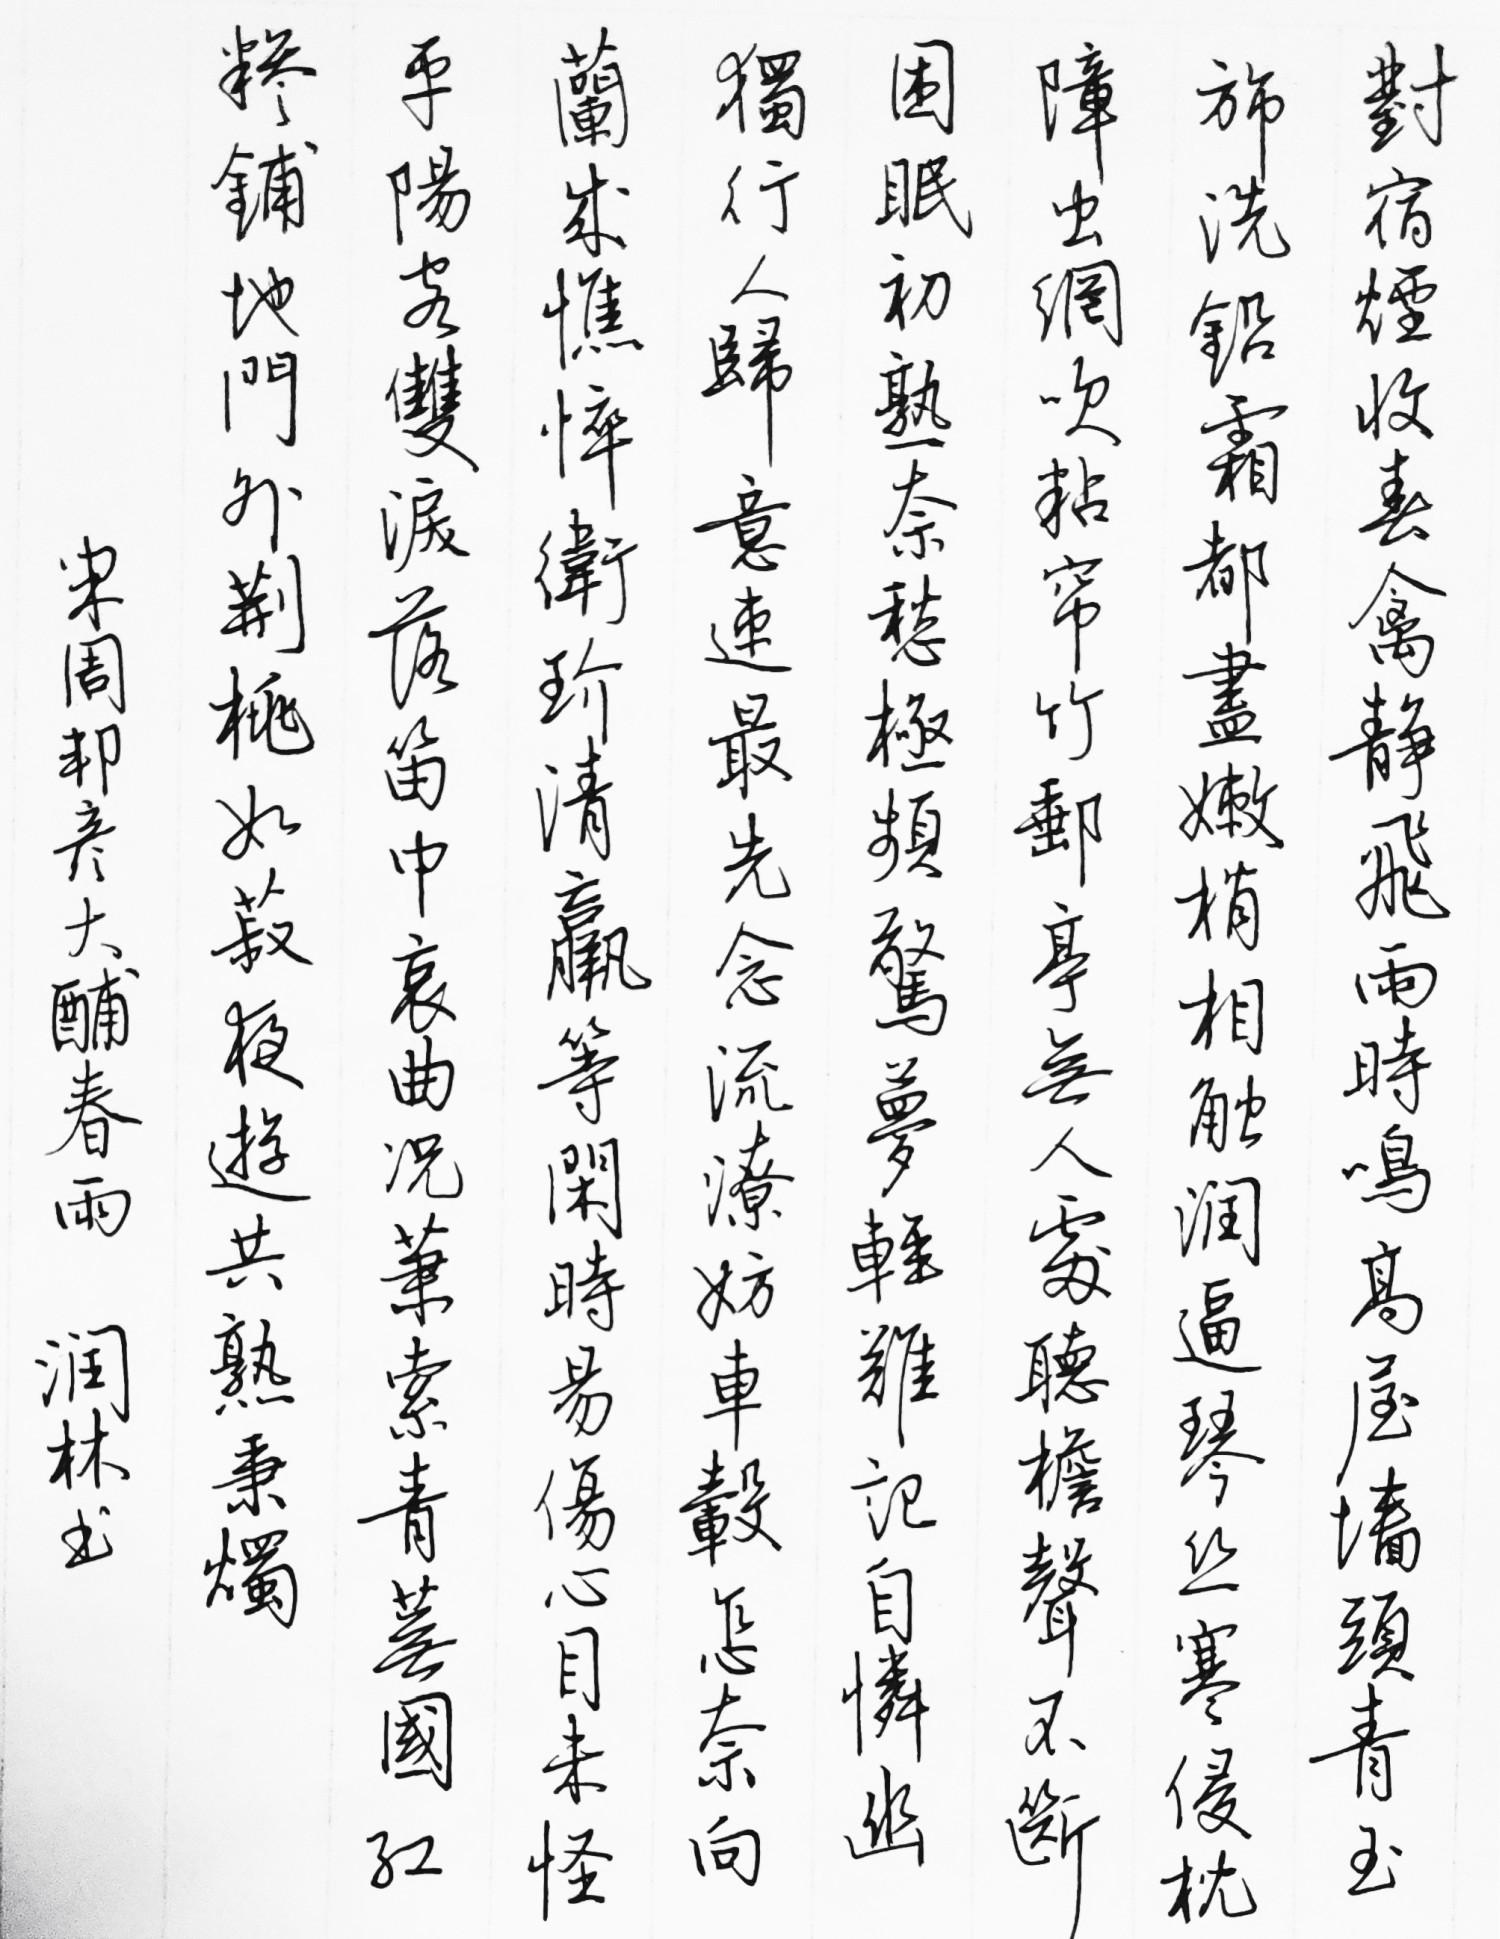 钢笔书法练字打卡20210629-03